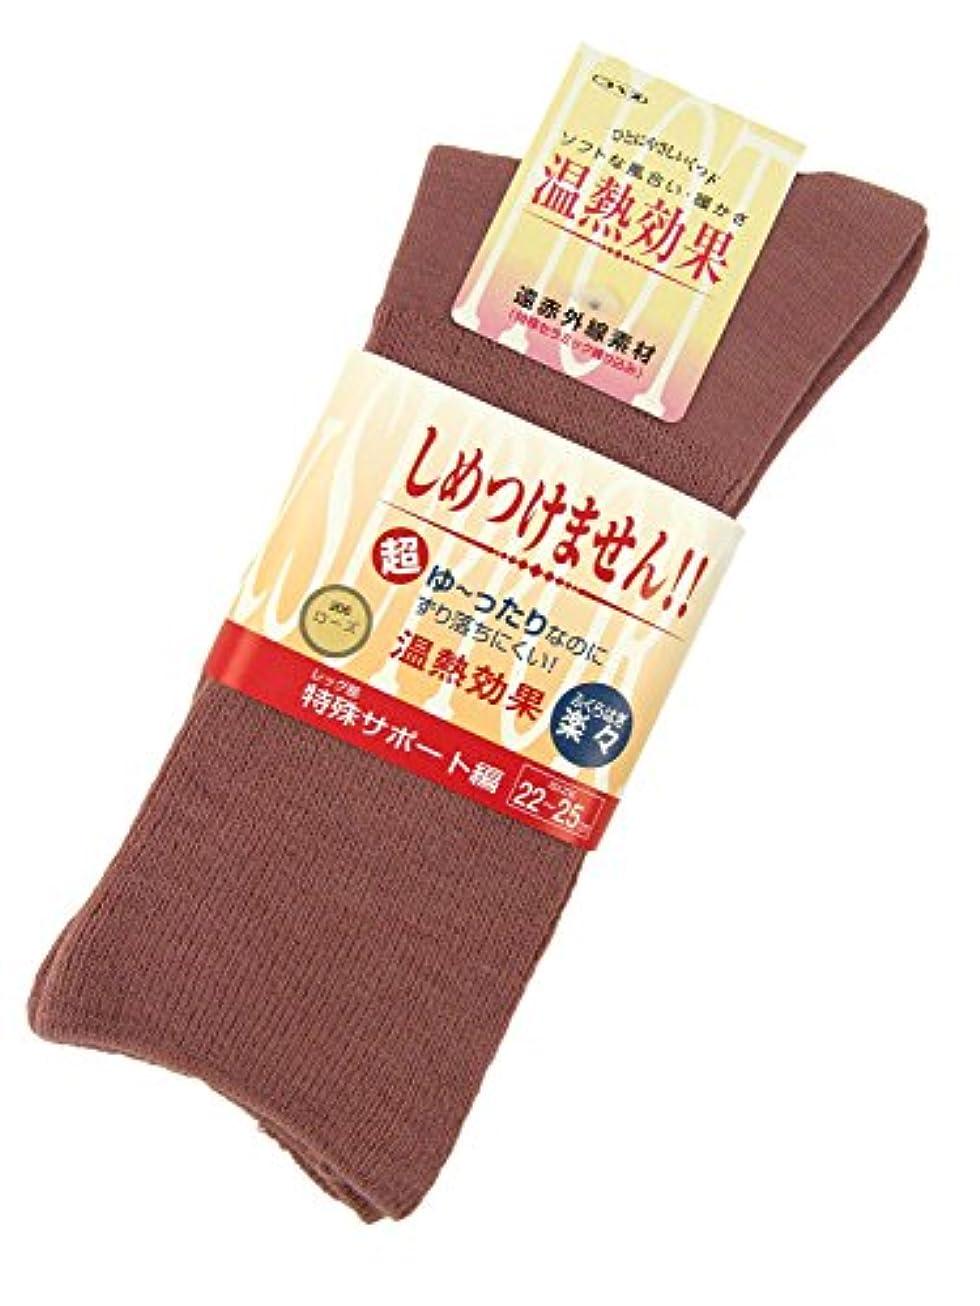 恨み少なくとも仮定神戸生絲 ふくらはぎ楽らくソックス 婦人 秋冬用 ローズ 3900 ローズ